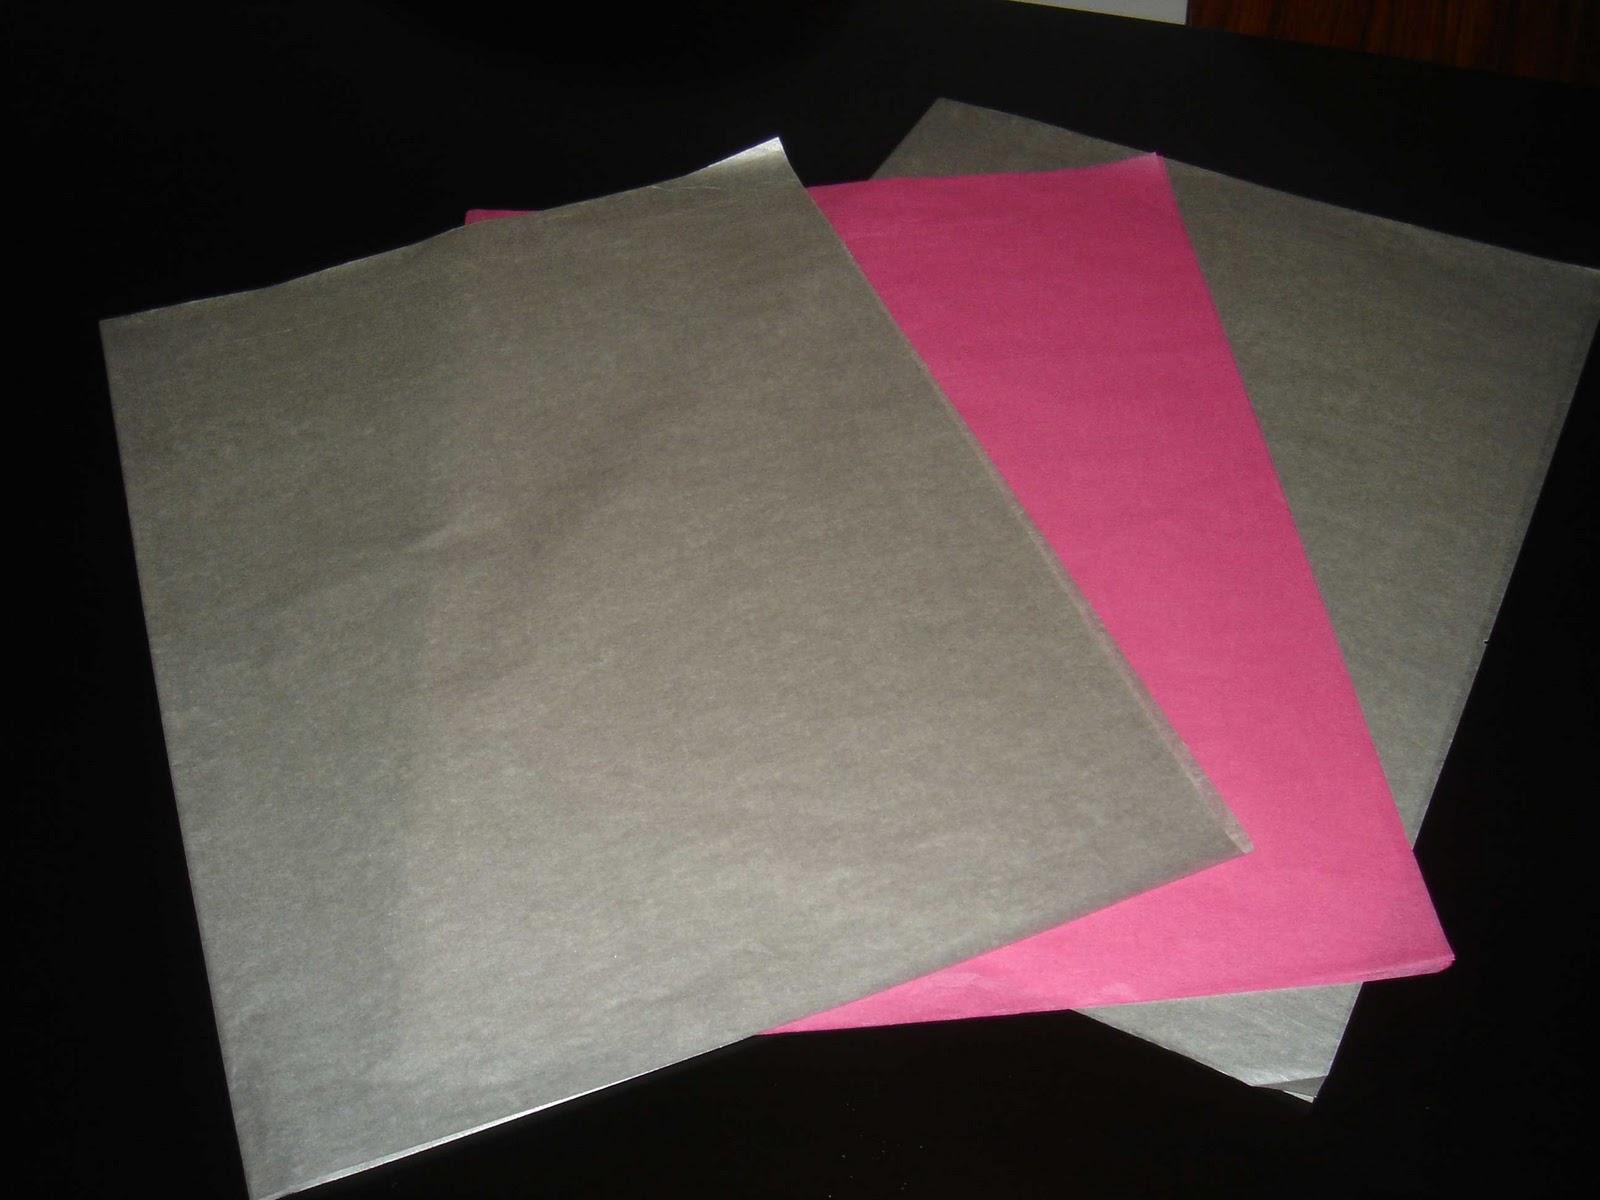 Ad la casa diy lampara de papel de seda - Lamparas de papel ikea ...